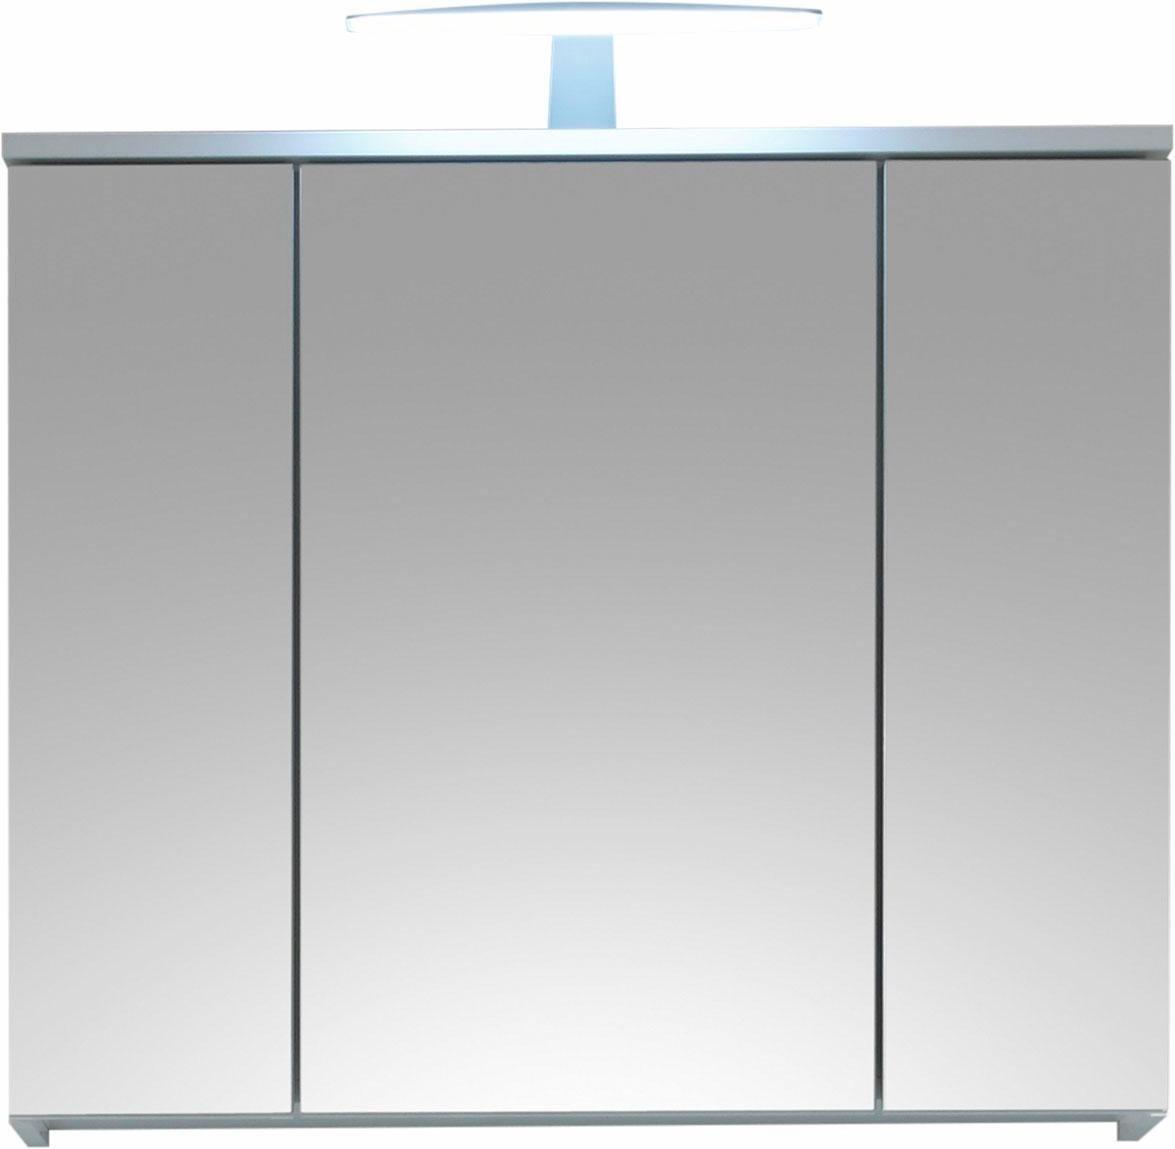 welltime  Spiegelschrank Spice mit LED Beleuchtung weiß | 04038889035239